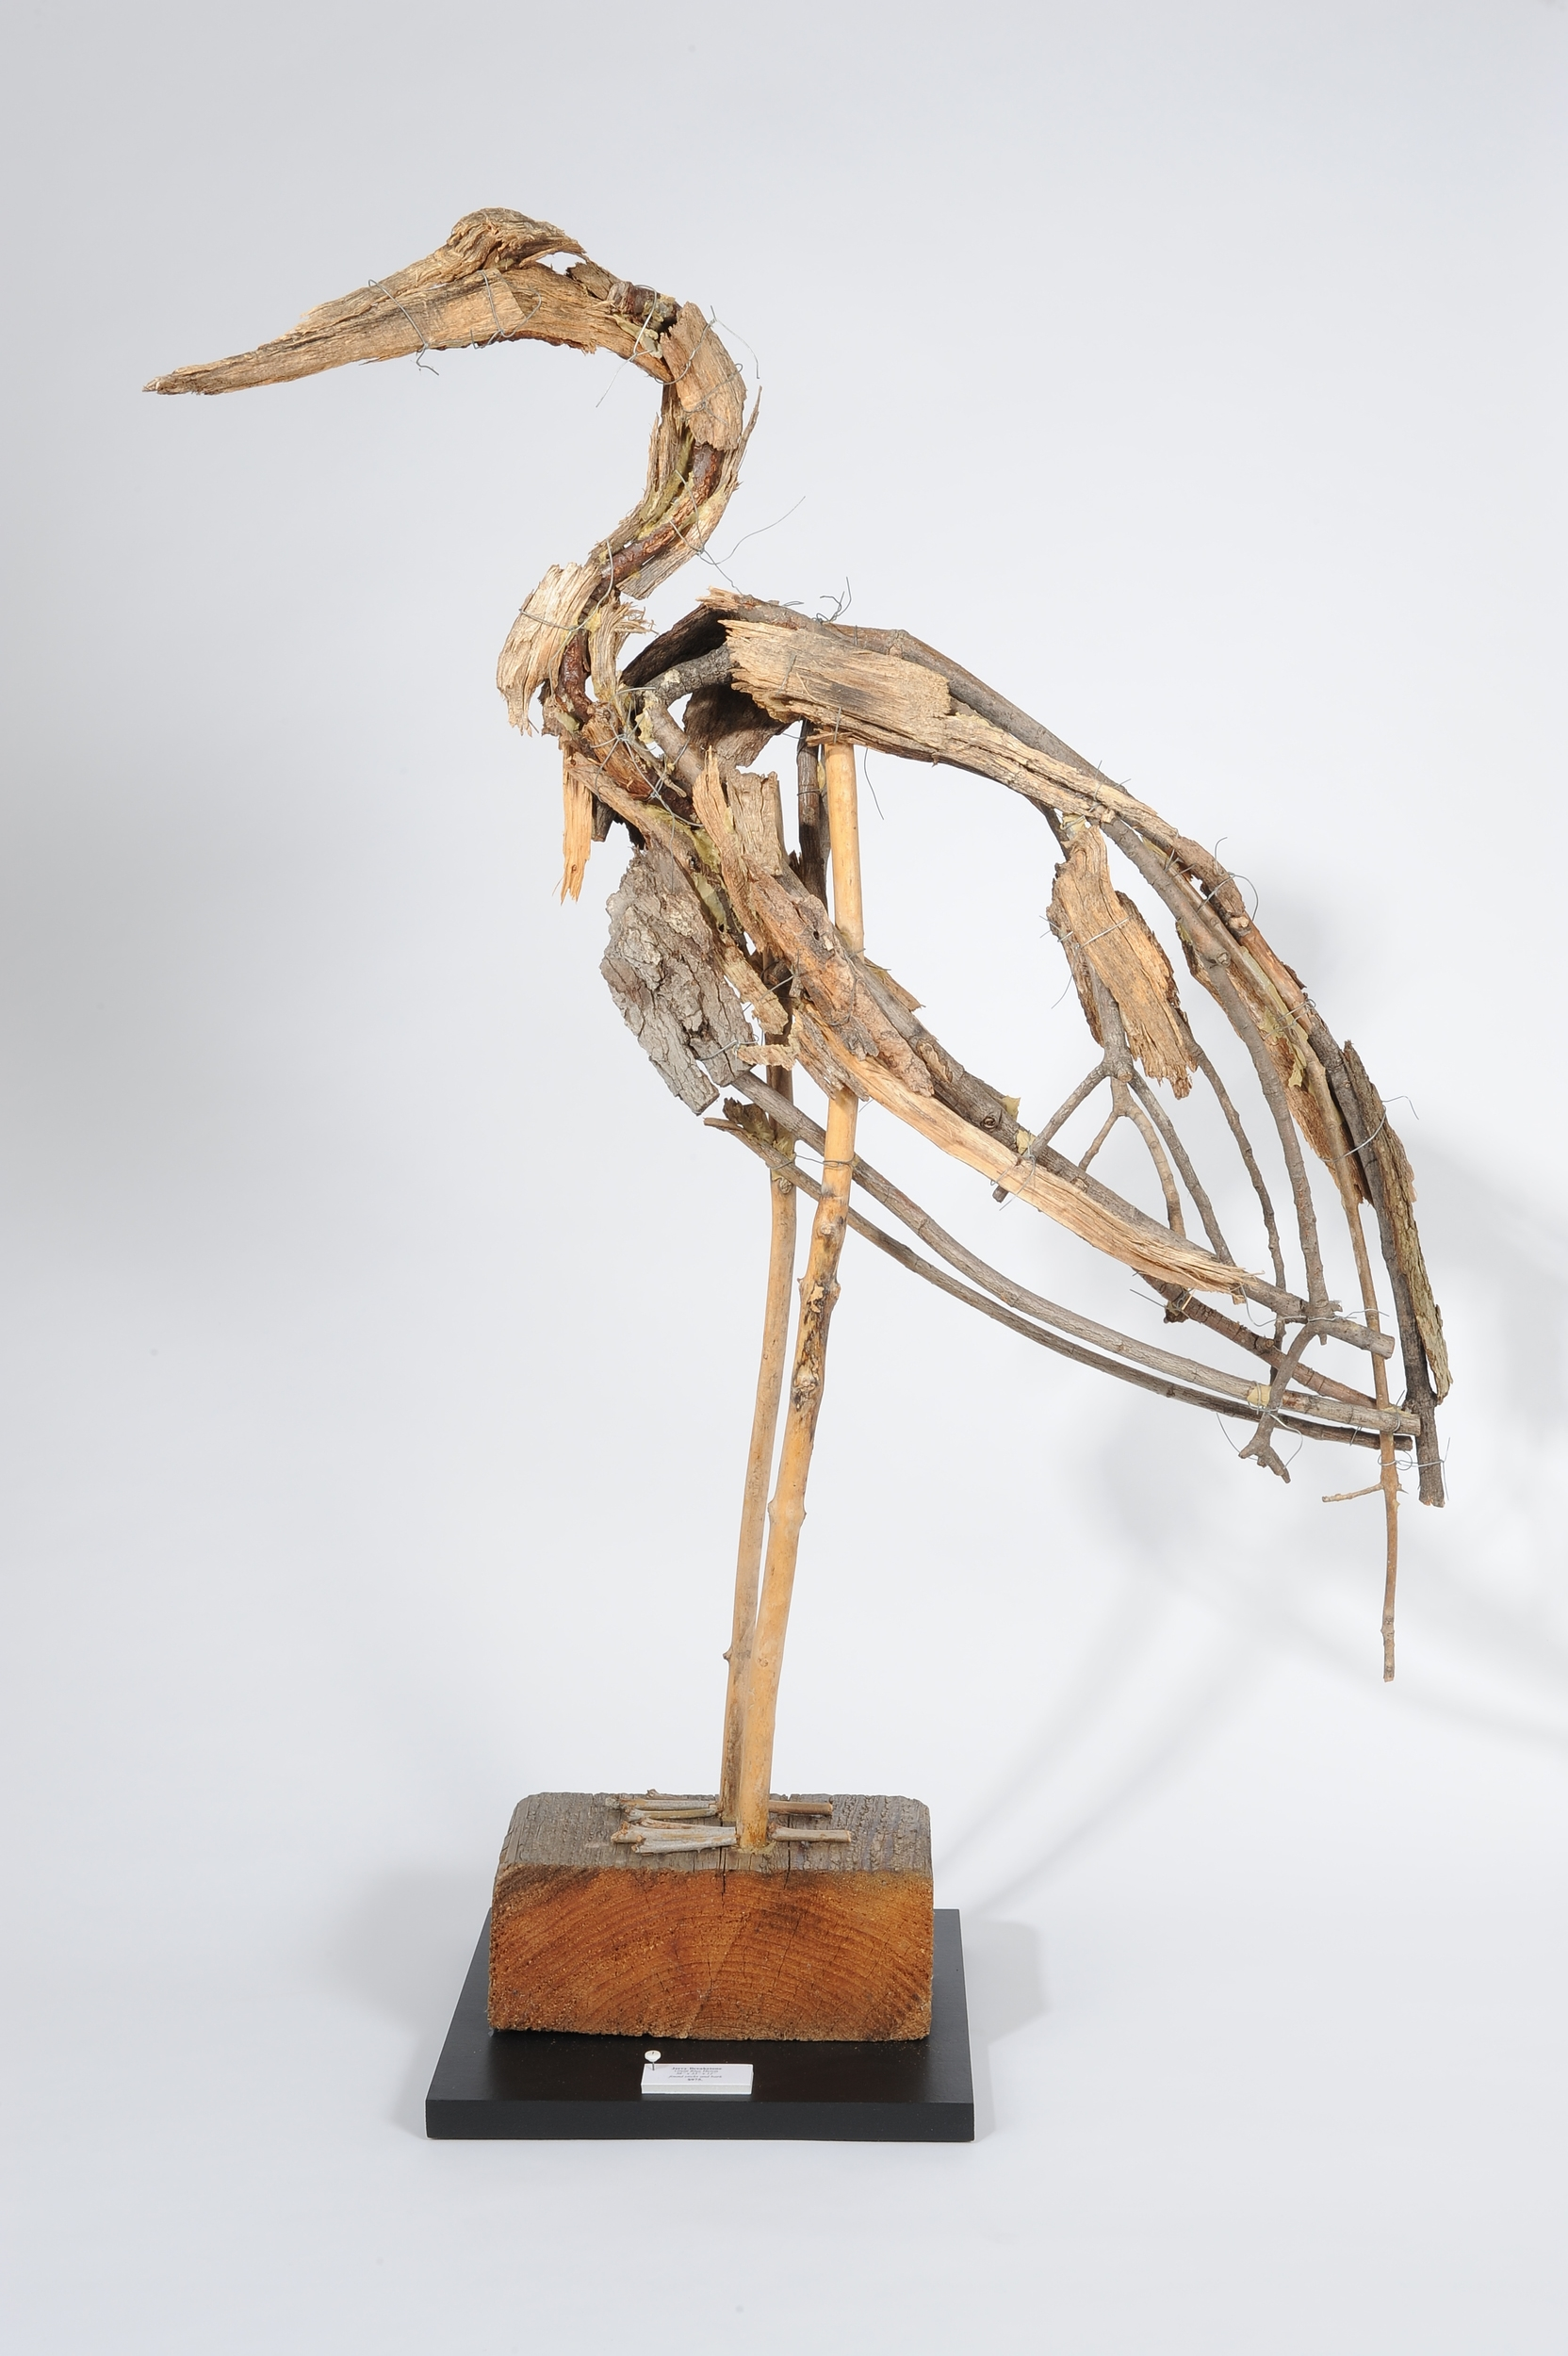 Twiggy Sculpture by Jerry Breakstone